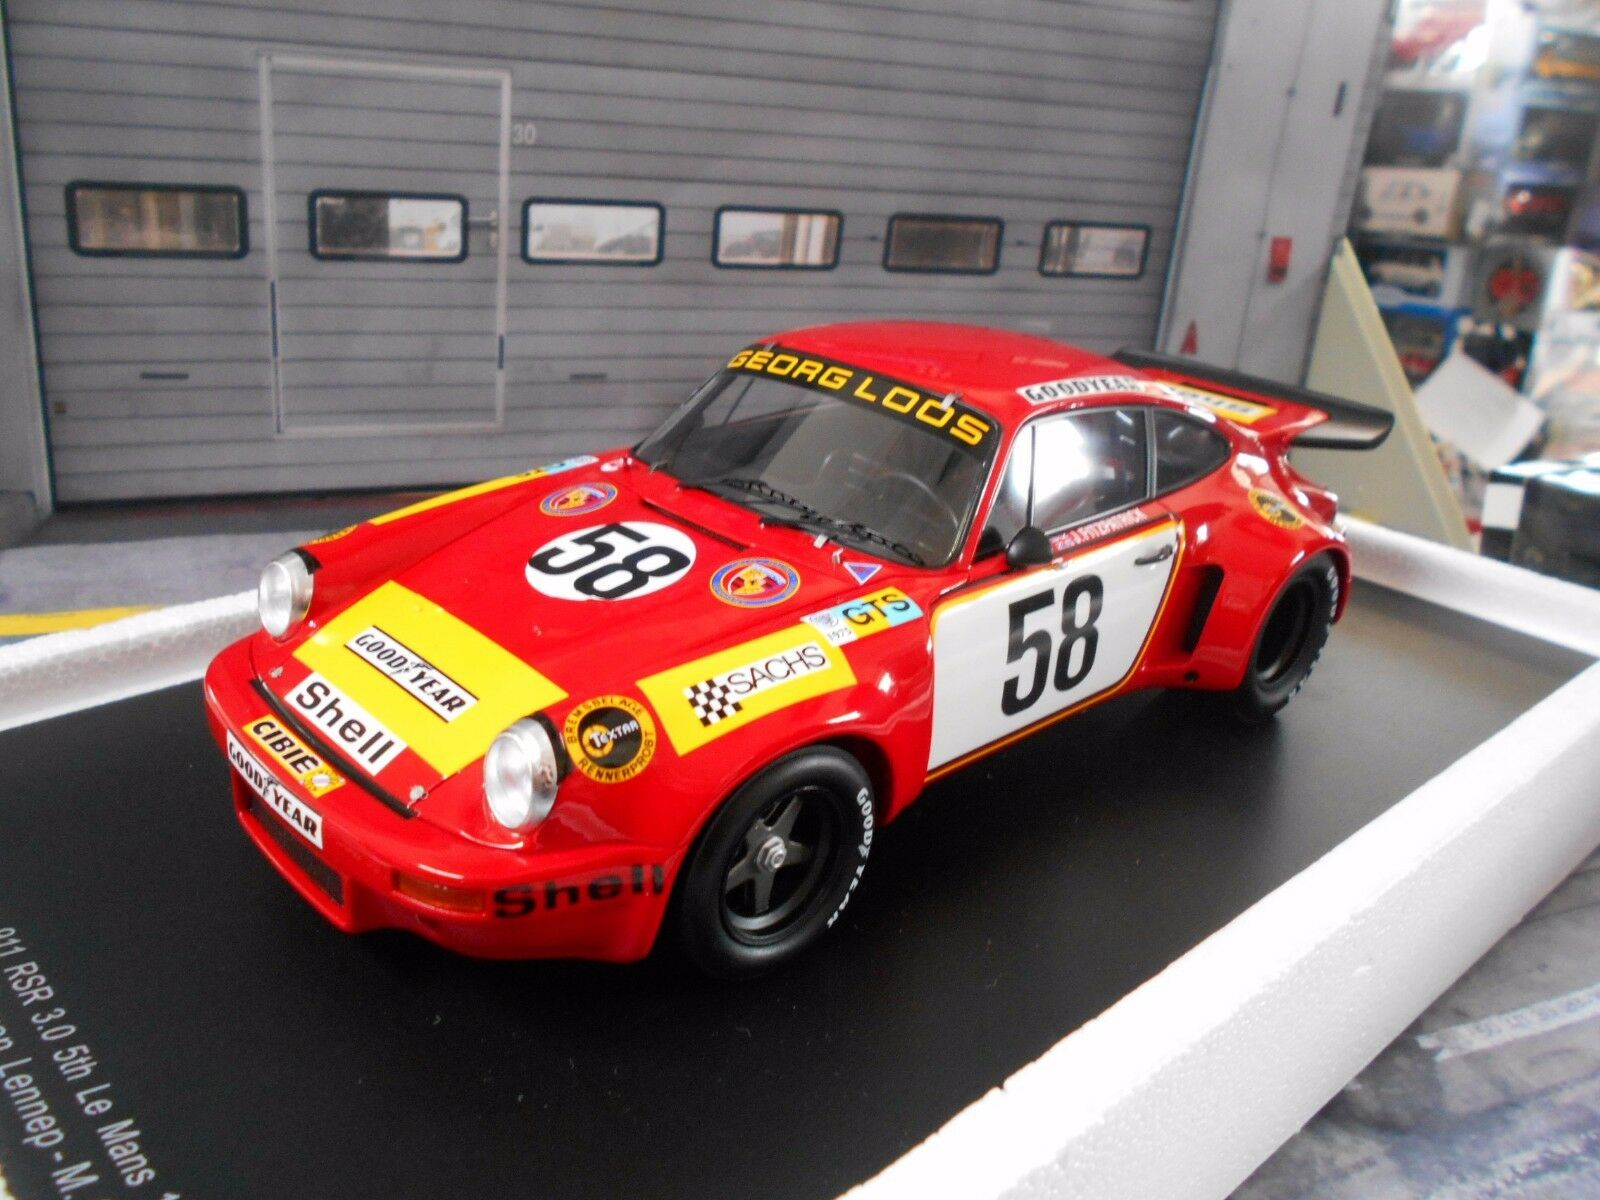 PORSCHE 911 Carrera RSR 3.0 Le Mans cancellata Loos 1975  58 Spark Resin NUOVO NEW 1:18